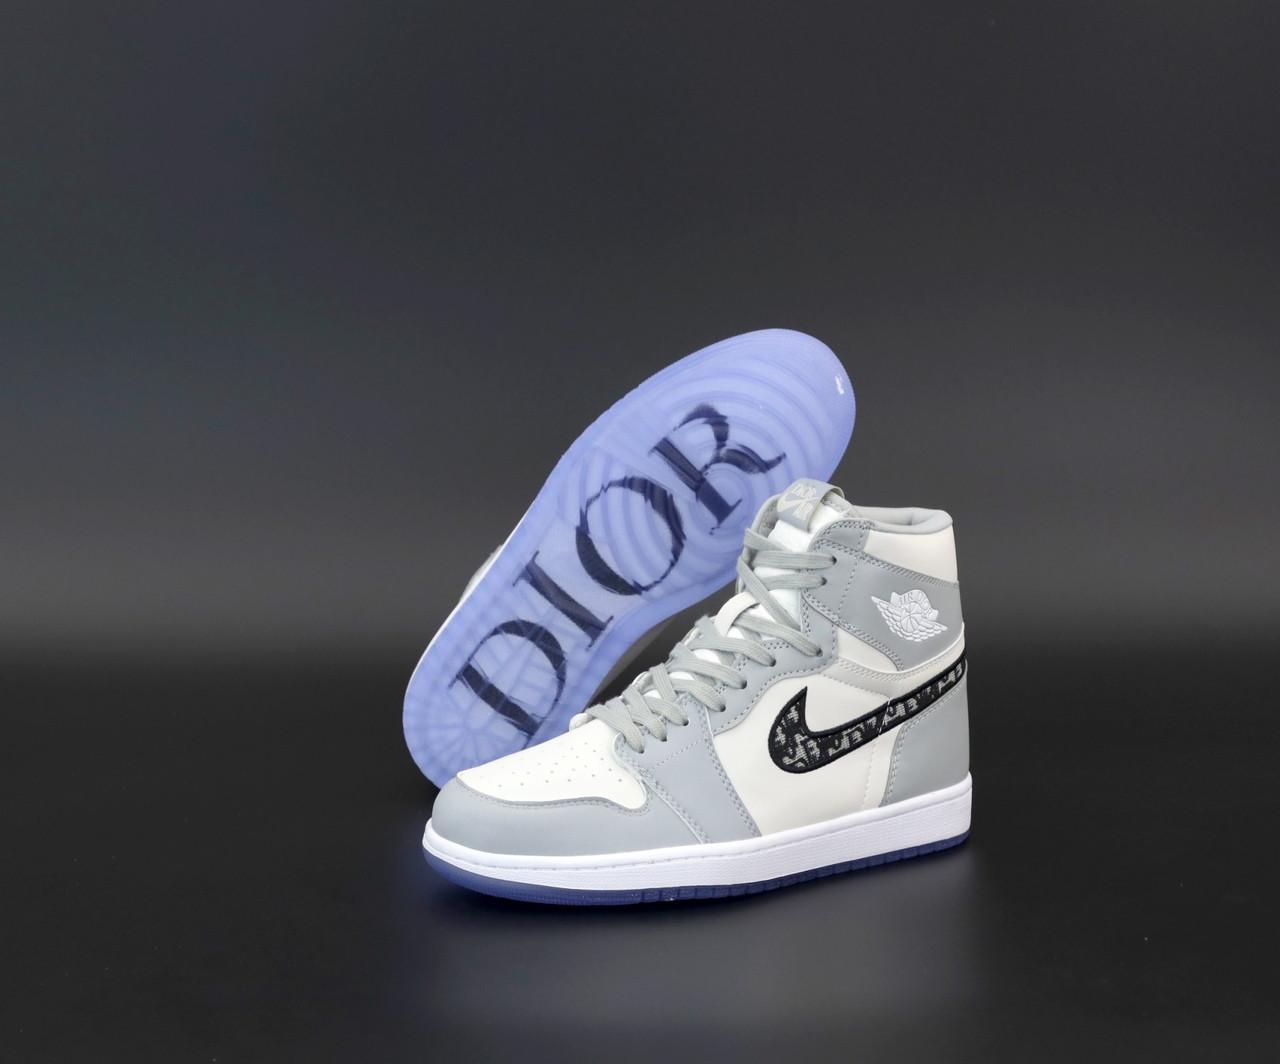 Женские кроссовки Dior x Nike Air Jordan 1 high (серо-белые) 12269